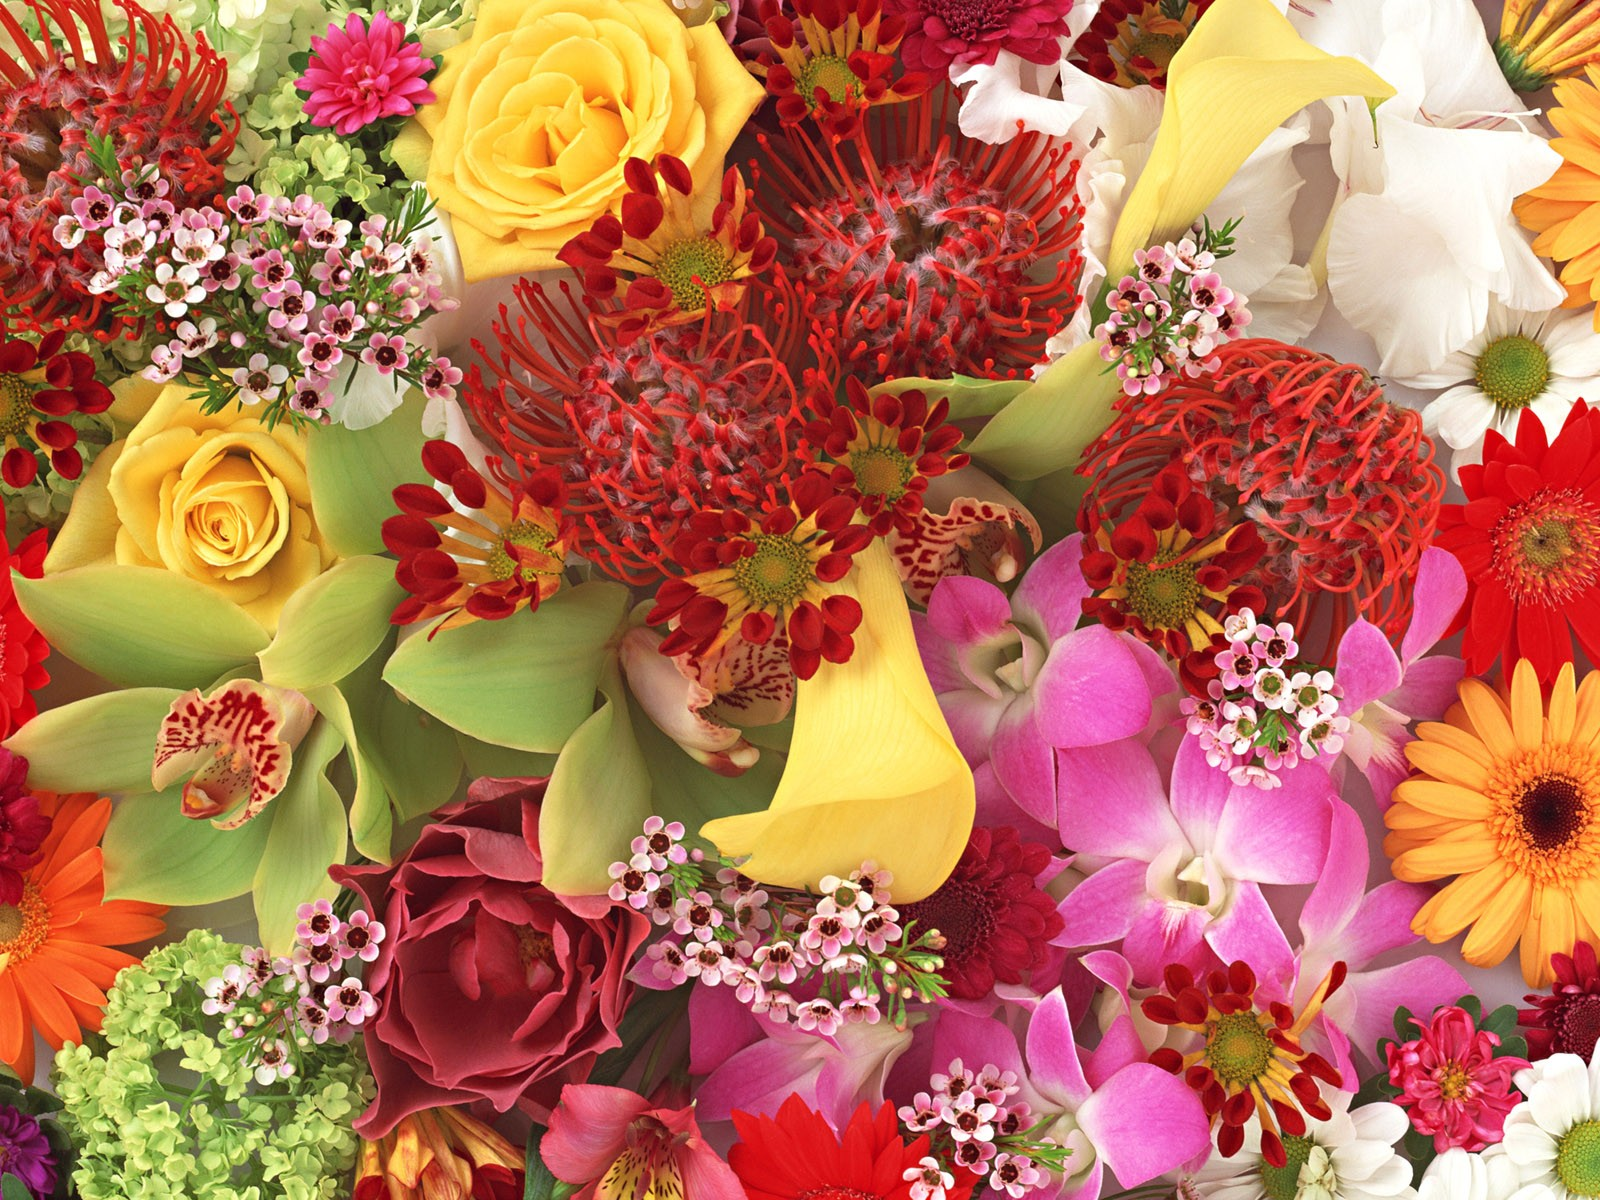 Flower bouquet colorful bouquet rose bouquet for Picture of flower bouquet